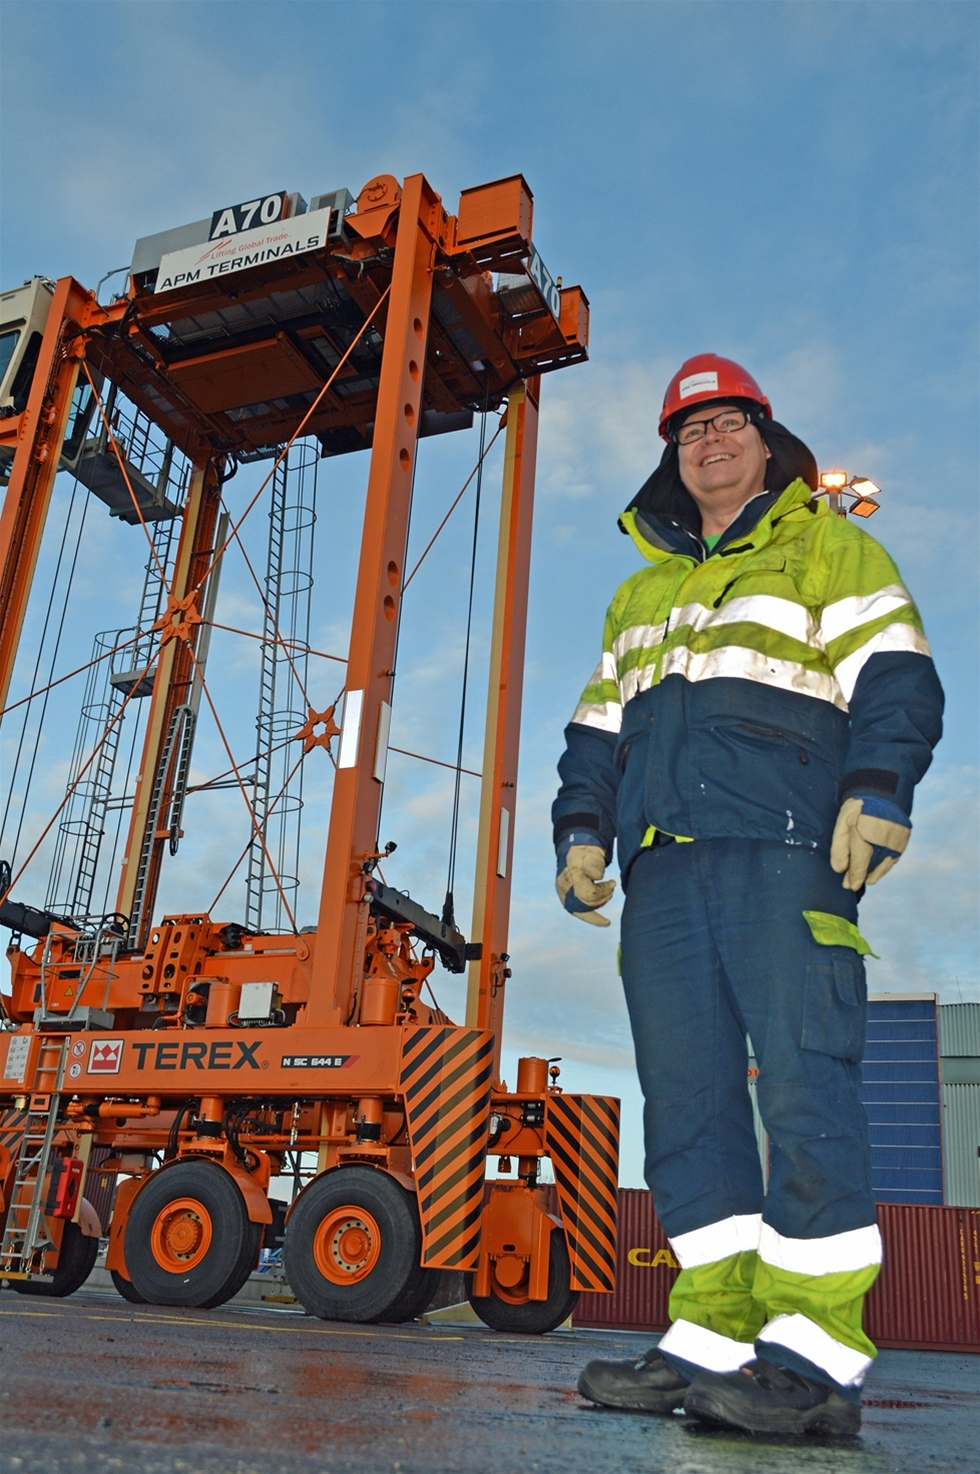 Roger Landström sitter 13 meter upp i luften när han kör en av de nya supertruckarna i Göteborgs hamn. Han har bra vy över terminalen och hamninloppet. – Visst känns det att det är högre mot de gamla grensletruckarna. Vi ser ut över södra skärgården, vid klart väder ut till Vinga, säger han.